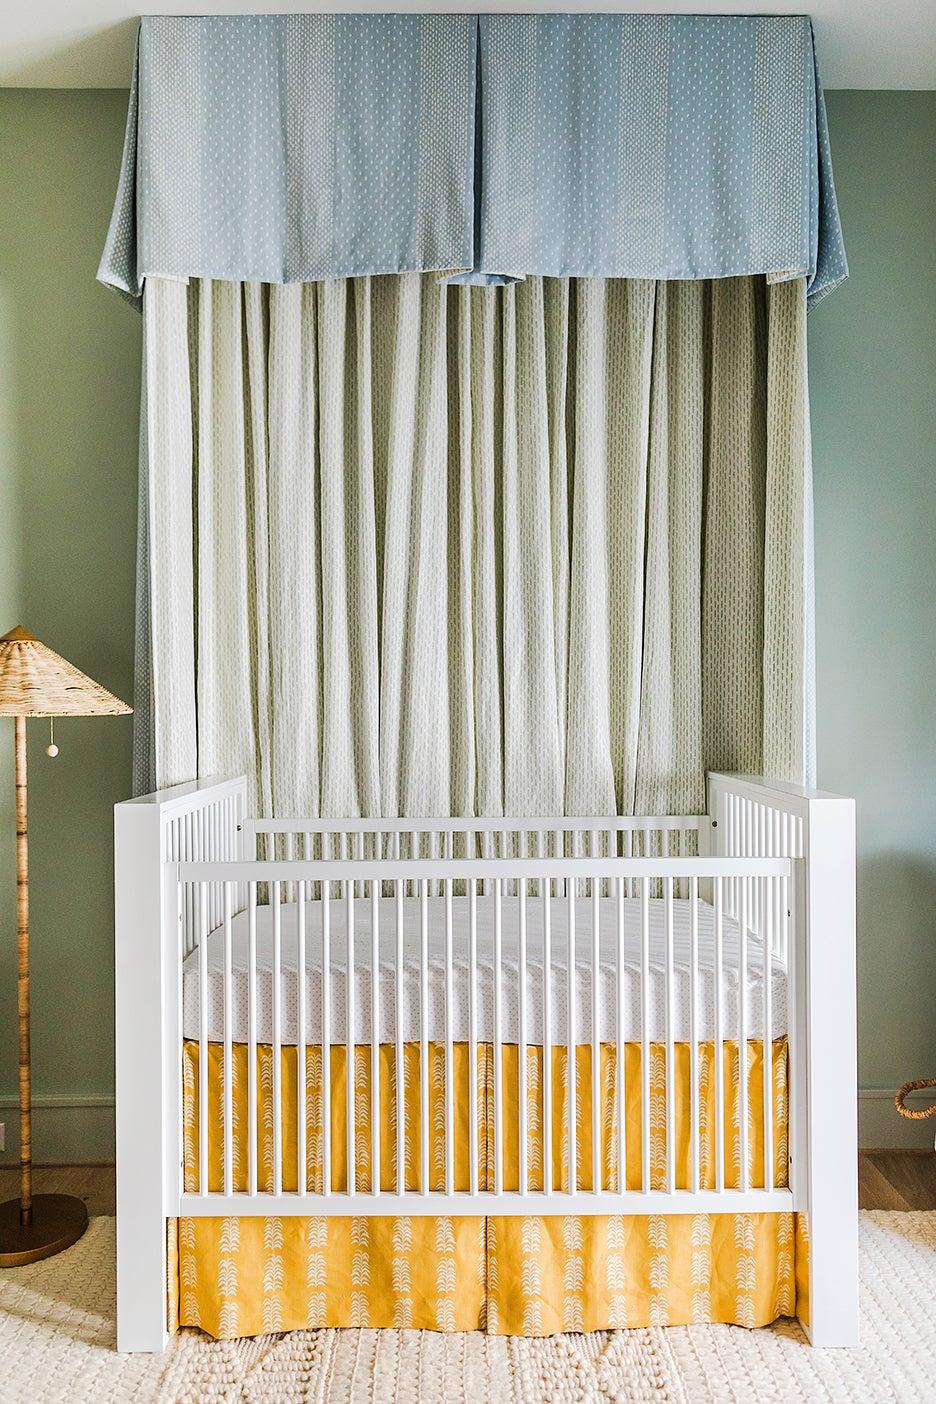 a nursery with canopy crib